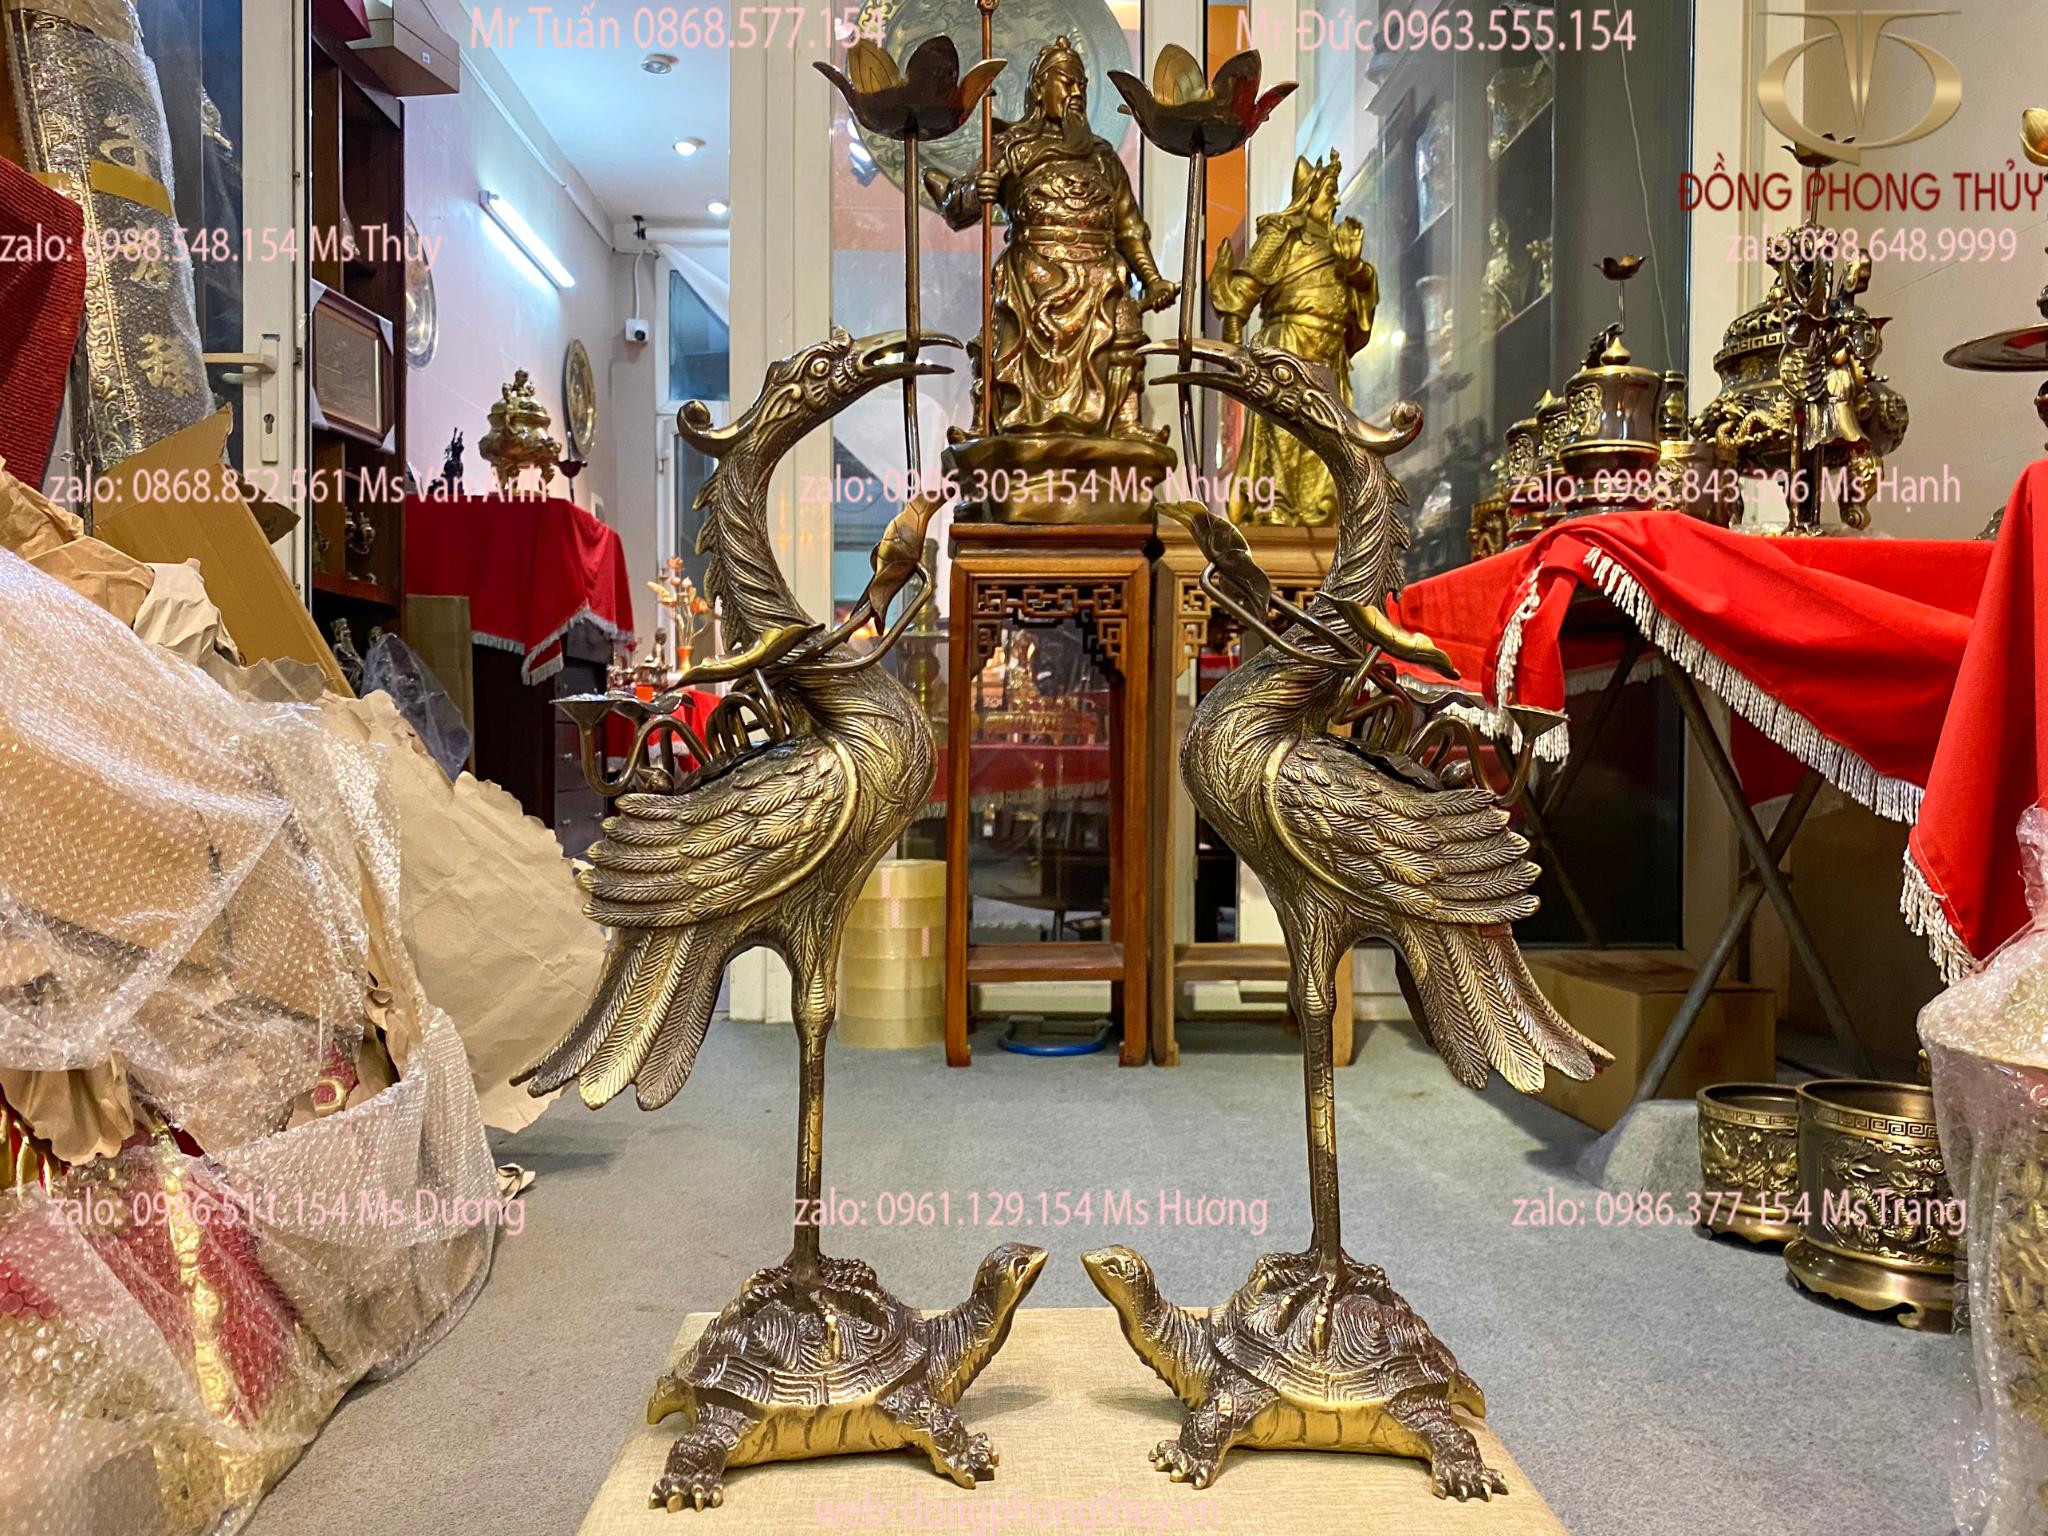 Hạc đồng thờ cúng - Hạc thờ cao 58cm màu hun nặng 7,3kg